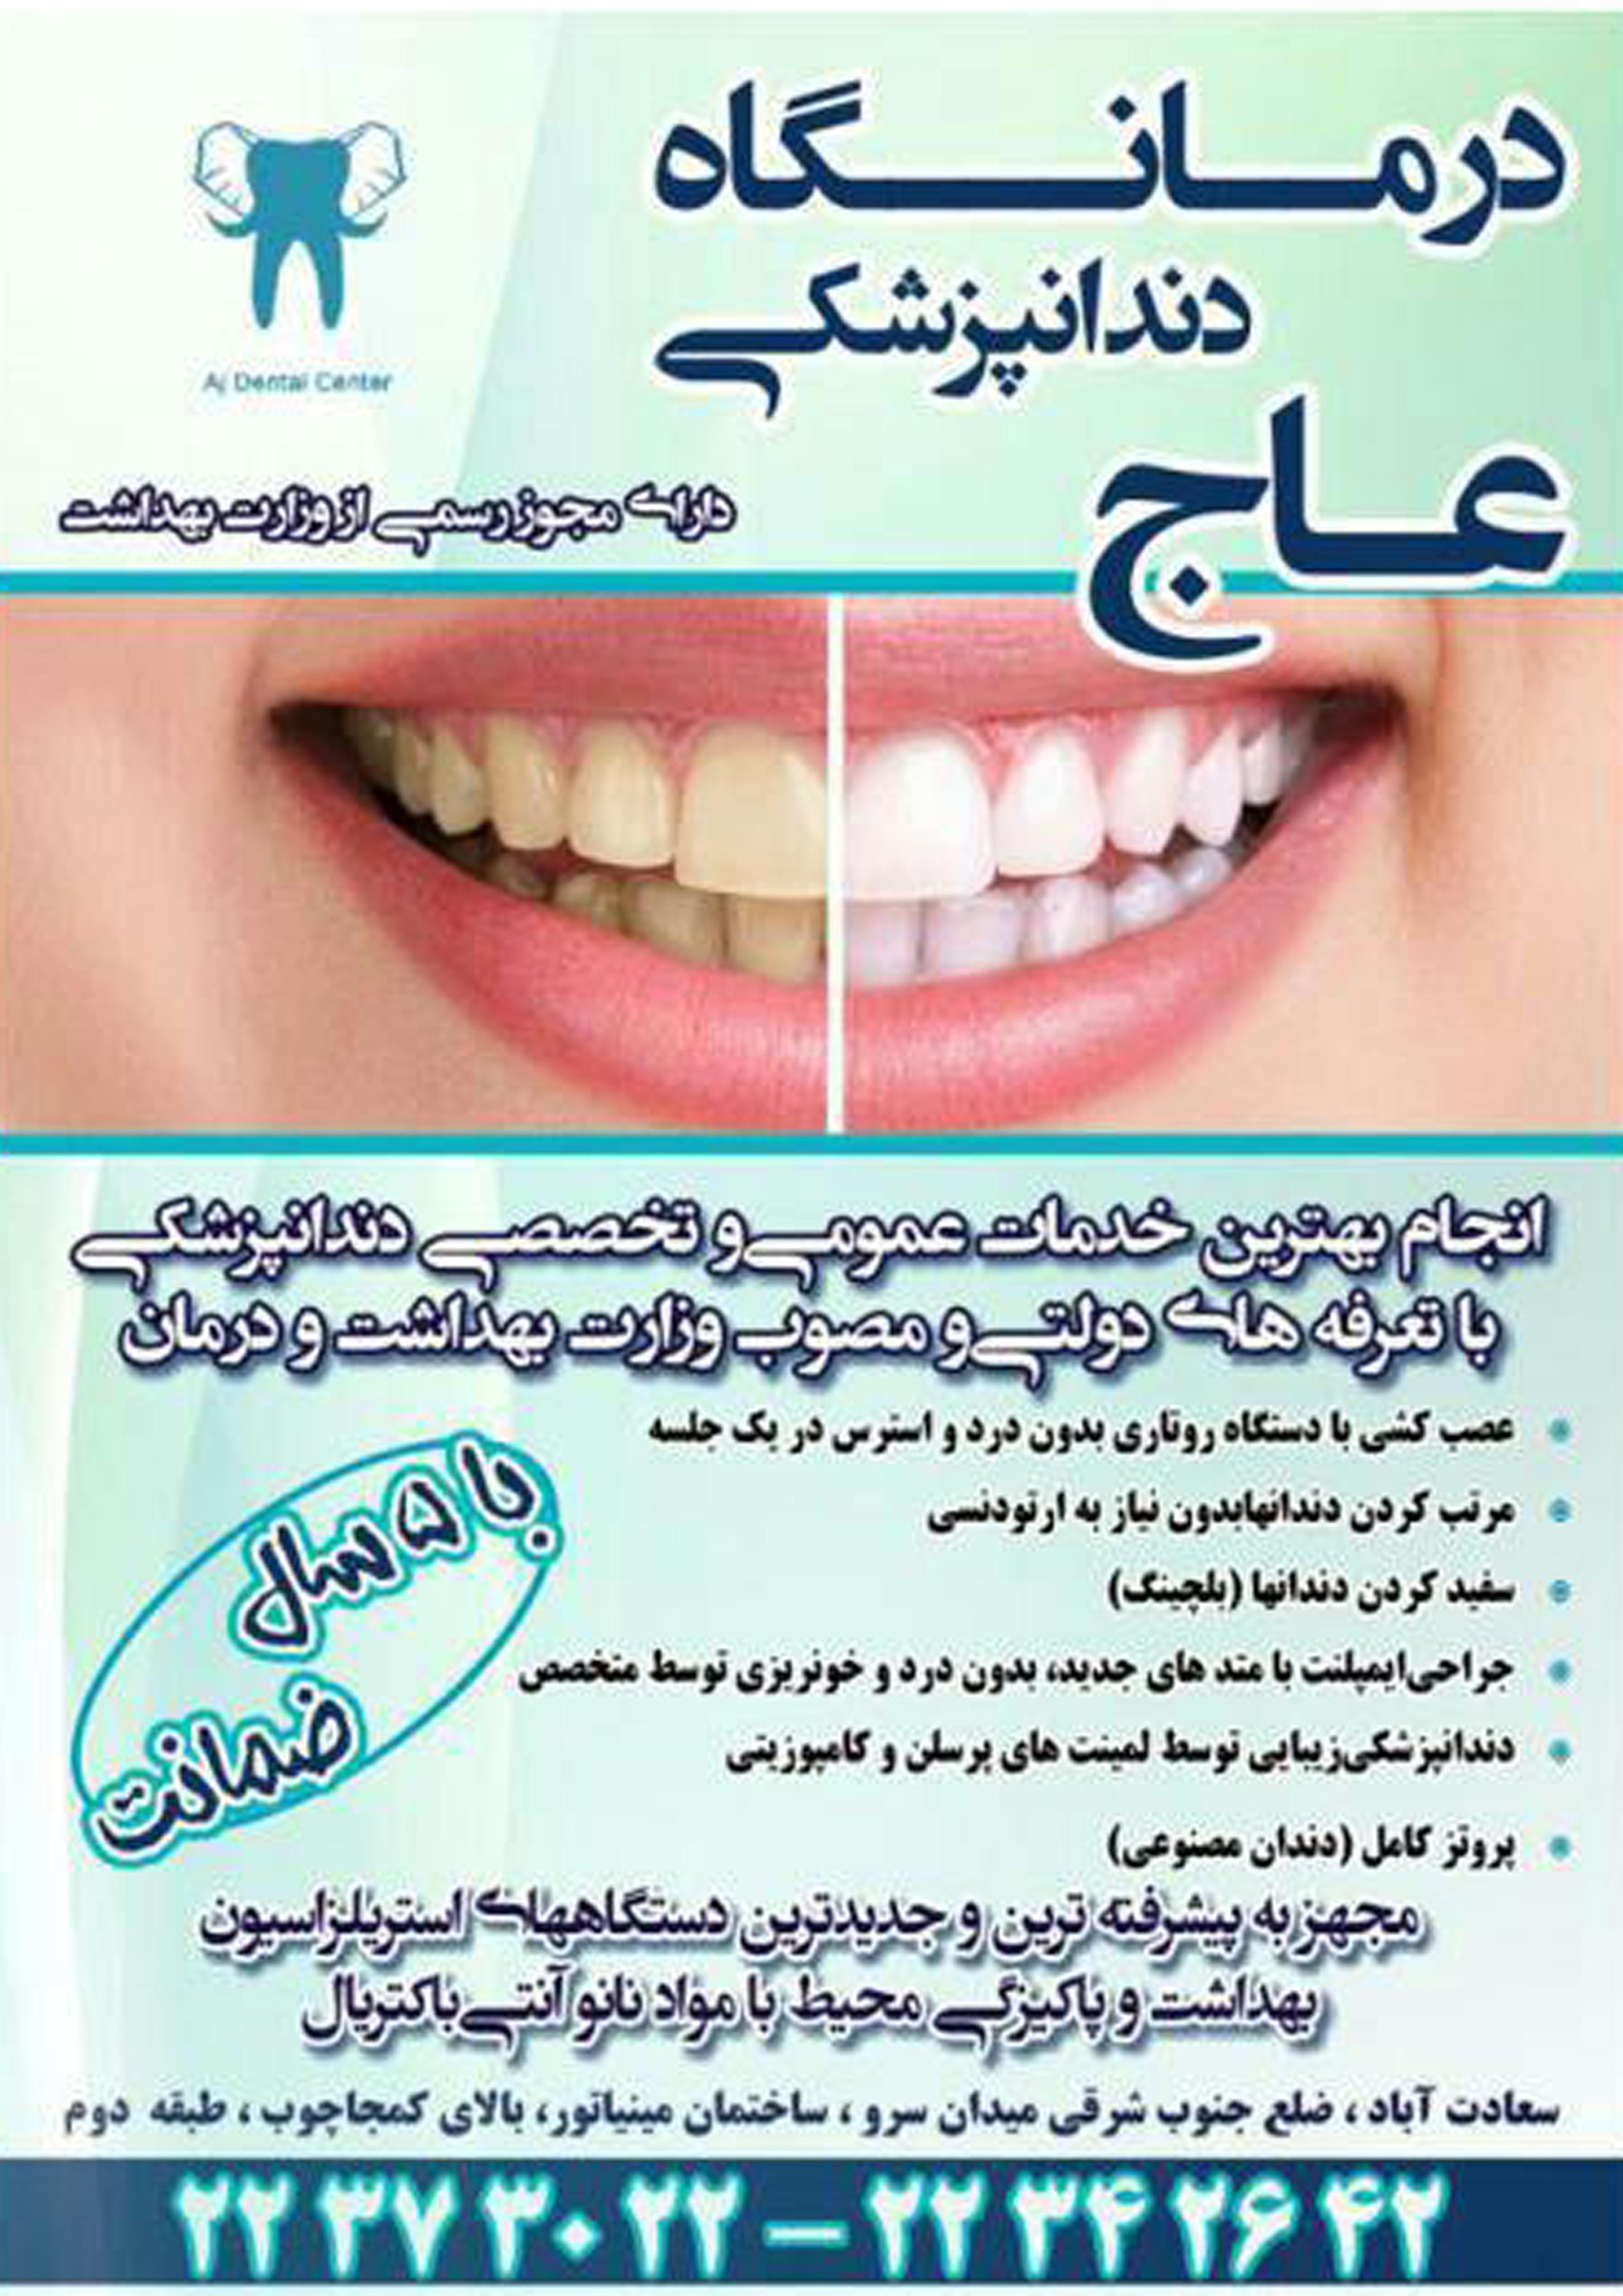 درمانگاه دندانپزشکی عاج در سعادت آباد